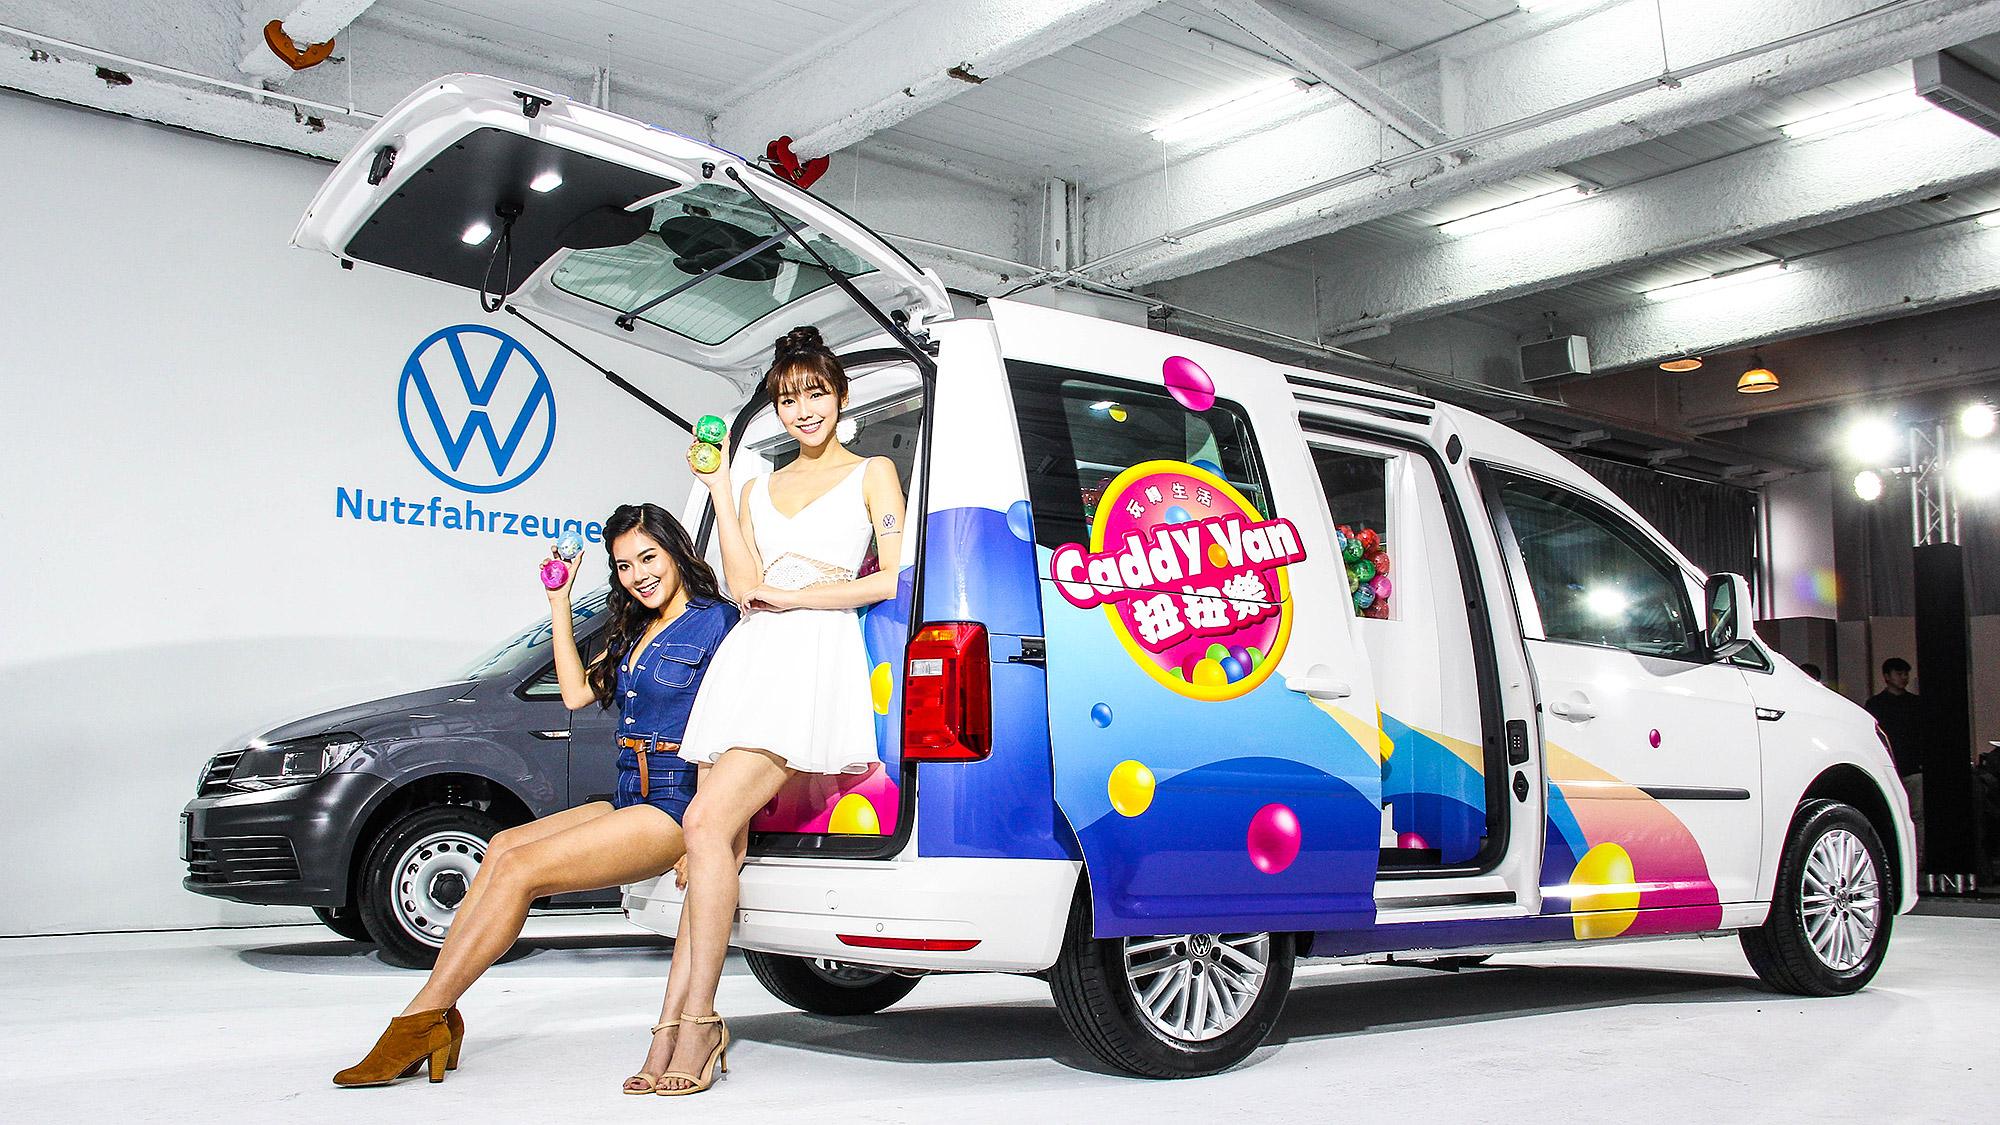 【2020 台北車展】福斯商旅 Caddy Van #VanLife 概念搶先曝光,展現無拘束的自在想像